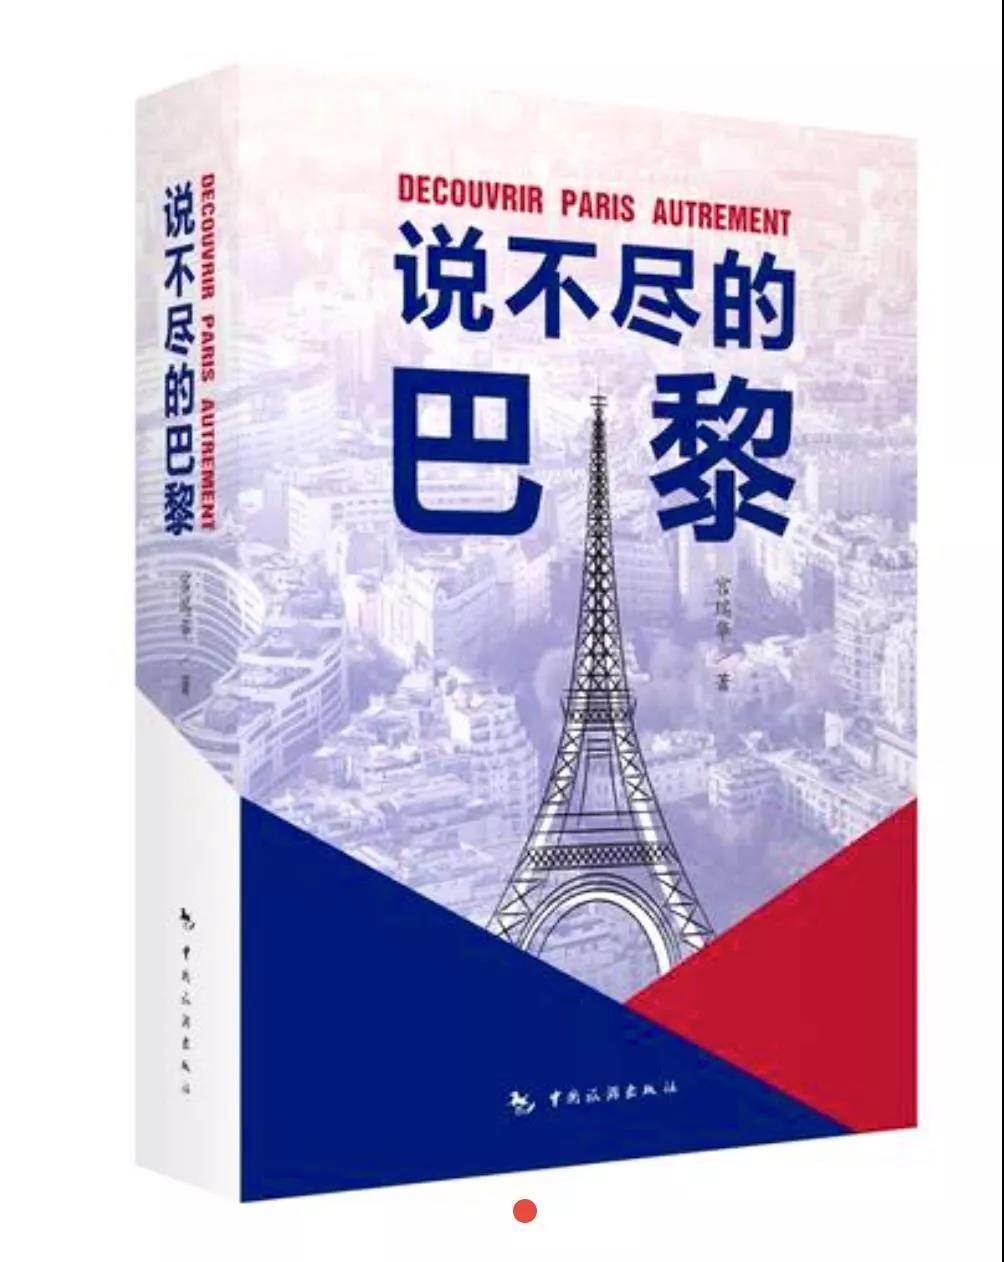 走完这段路程,您会感到不虚此行,因为沿途的所见所闻在不经意间向您诠释了什么是巴黎的浪漫和花都的魅力。  让我们跟着宫瑞华老师的脚步,穿过历史的长河,越过故事的桥梁,与旧时的巴黎对话。